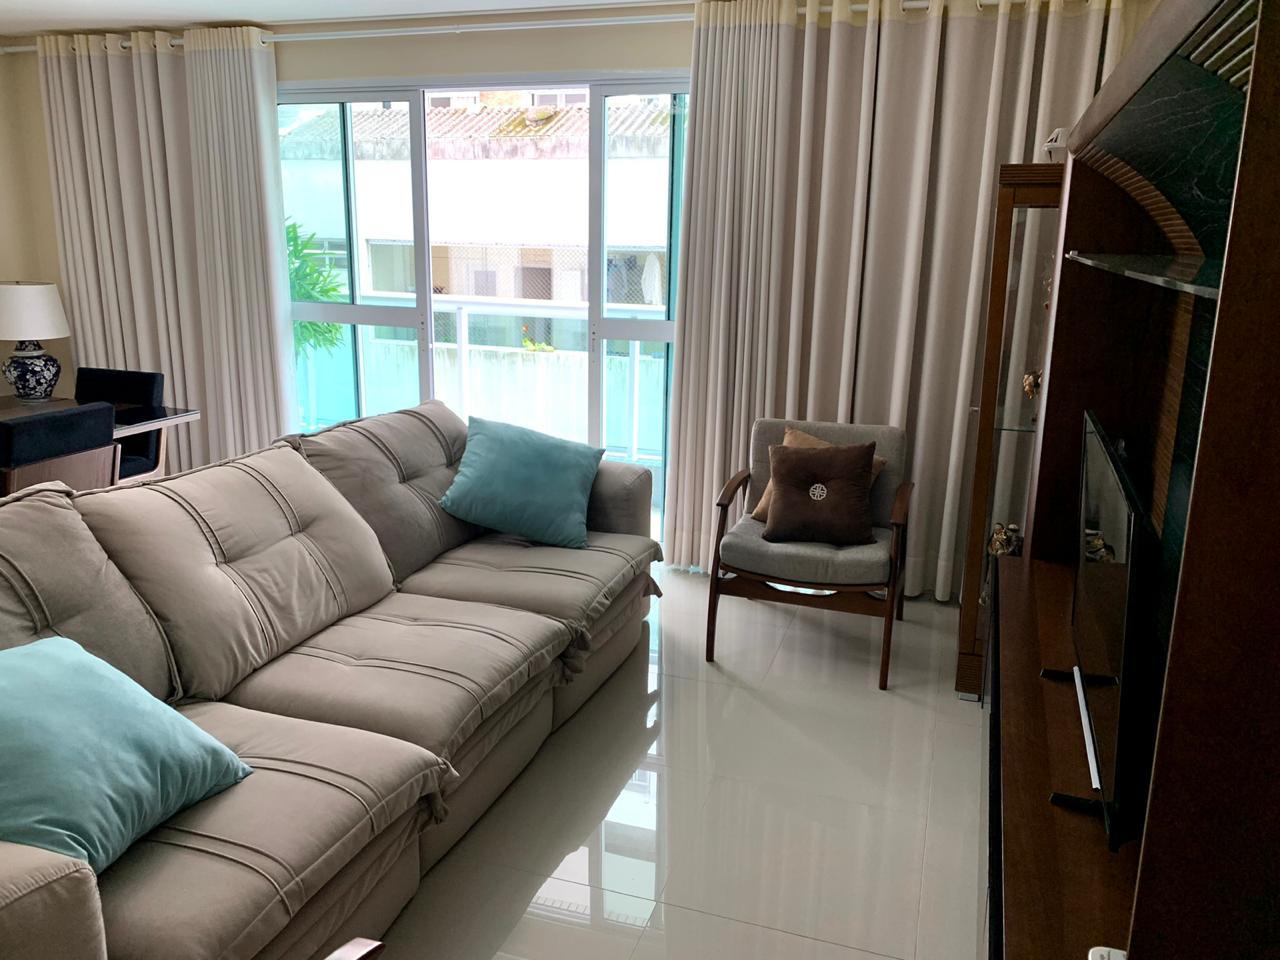 Excelente semi novo apartamento com 160m, uma quadra da Praia, Duas vagas de garagem, 3 suítes - foto 18